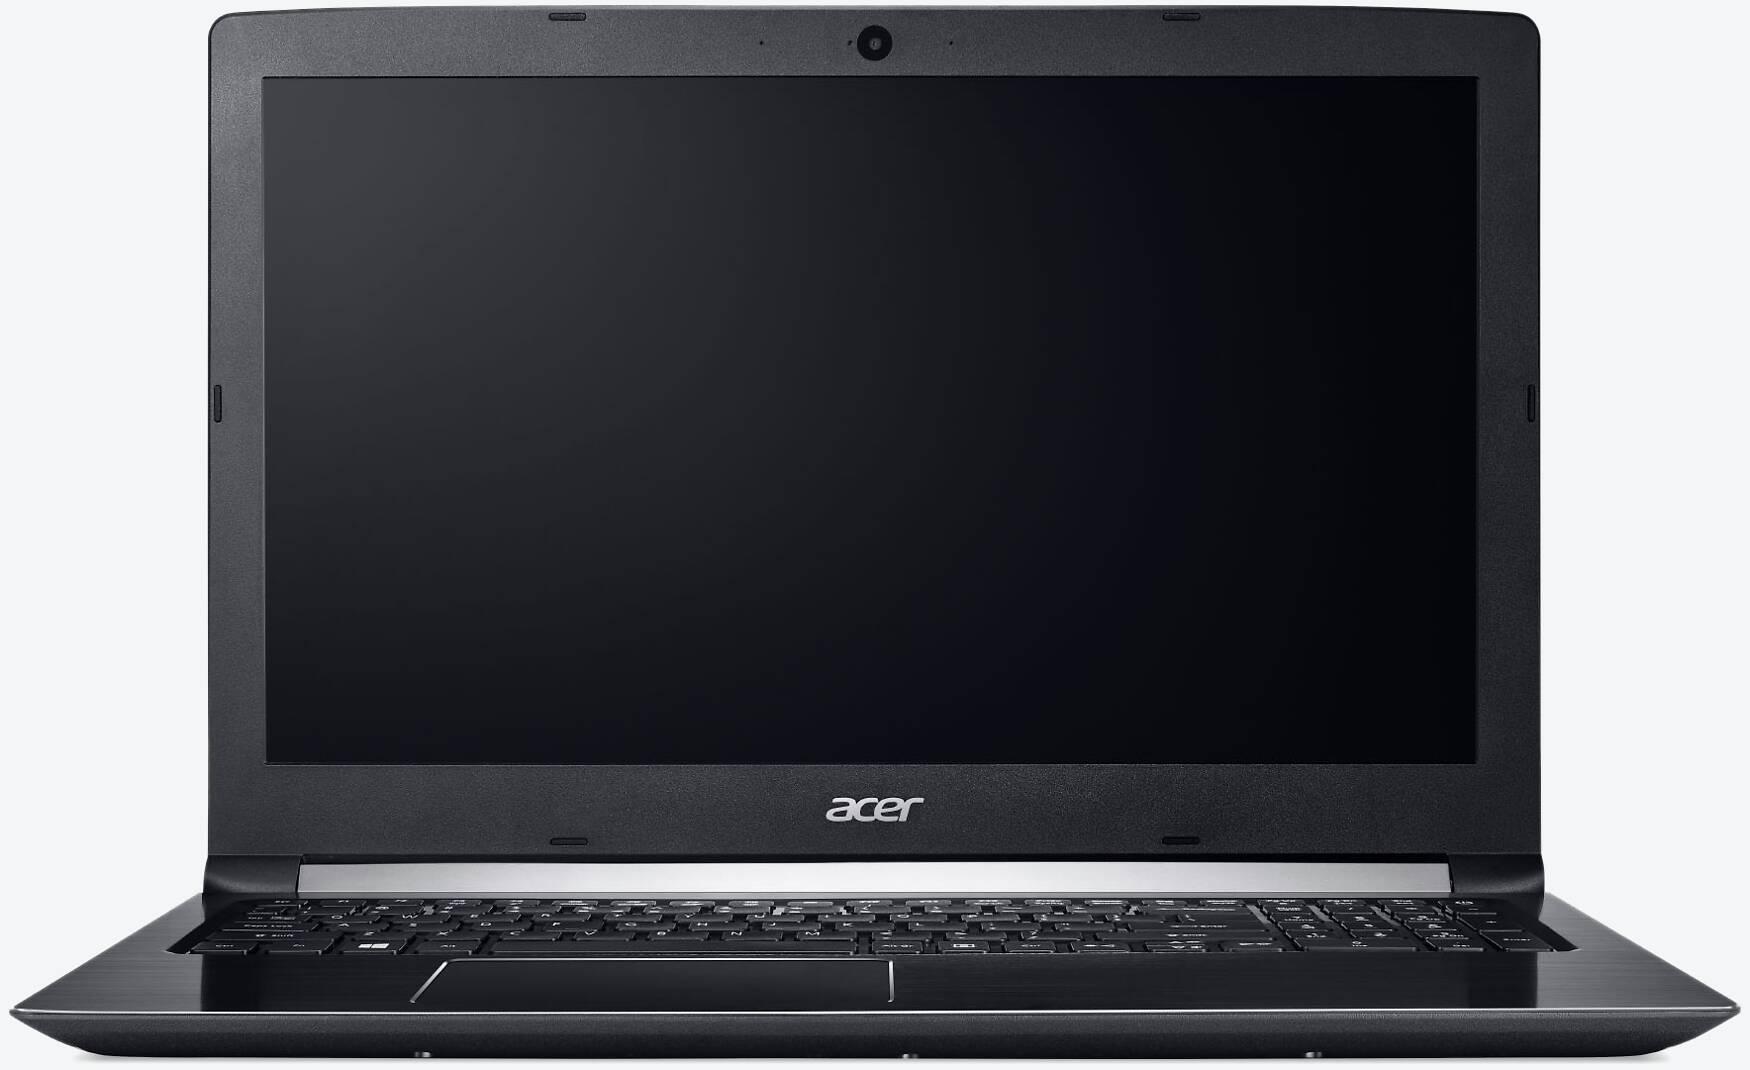 Acer Aspire 5 A515-52G-540M